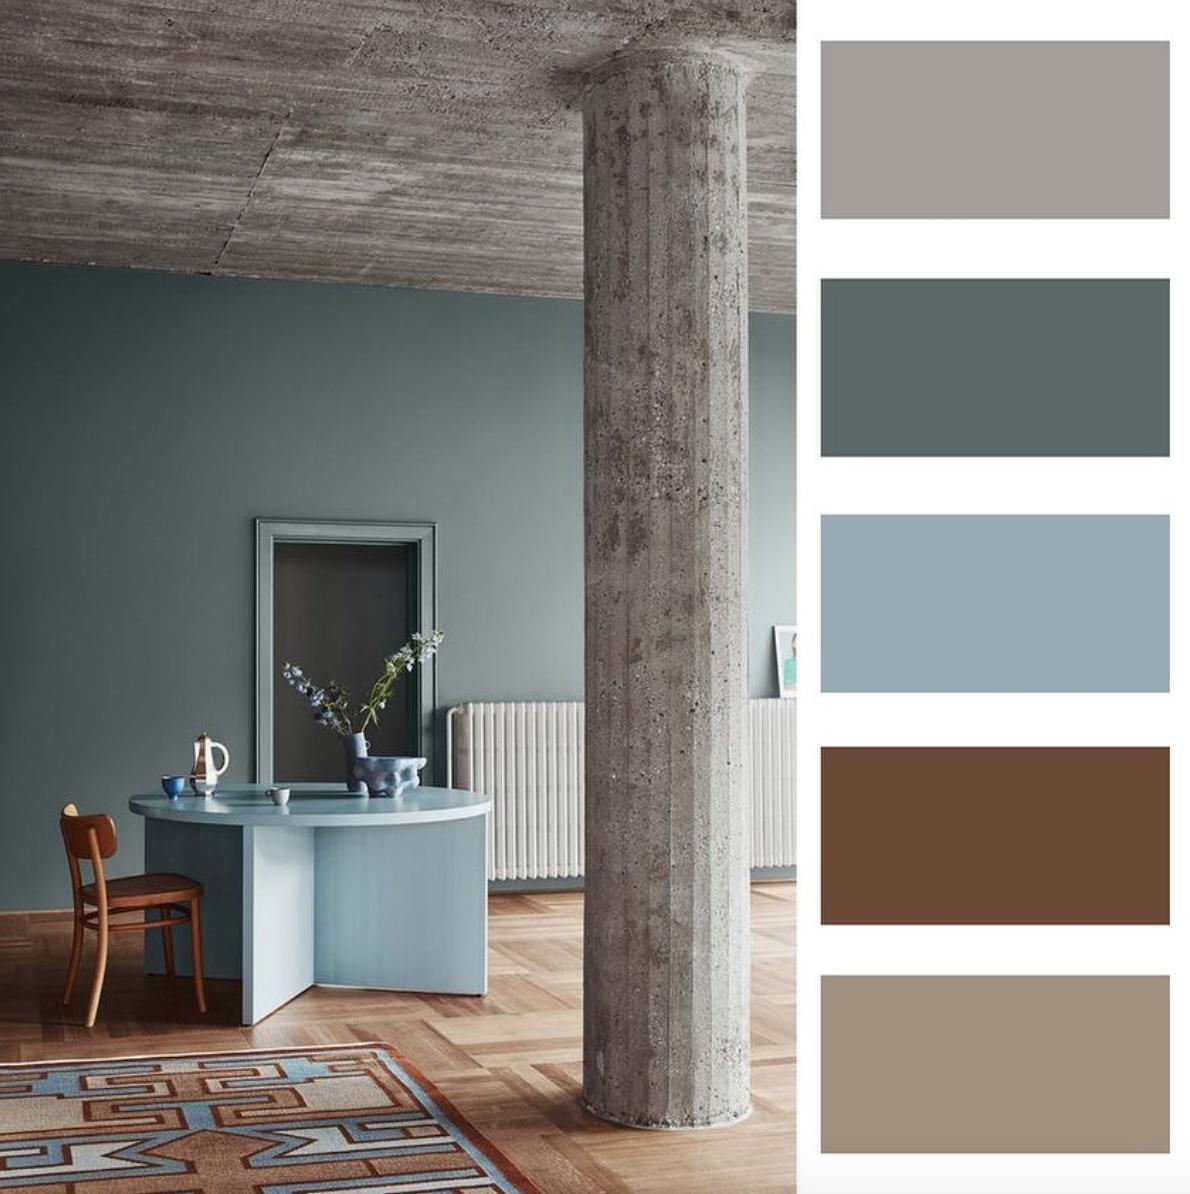 Barevné kombinace - inspirace do interiéru - Obrázek č. 31